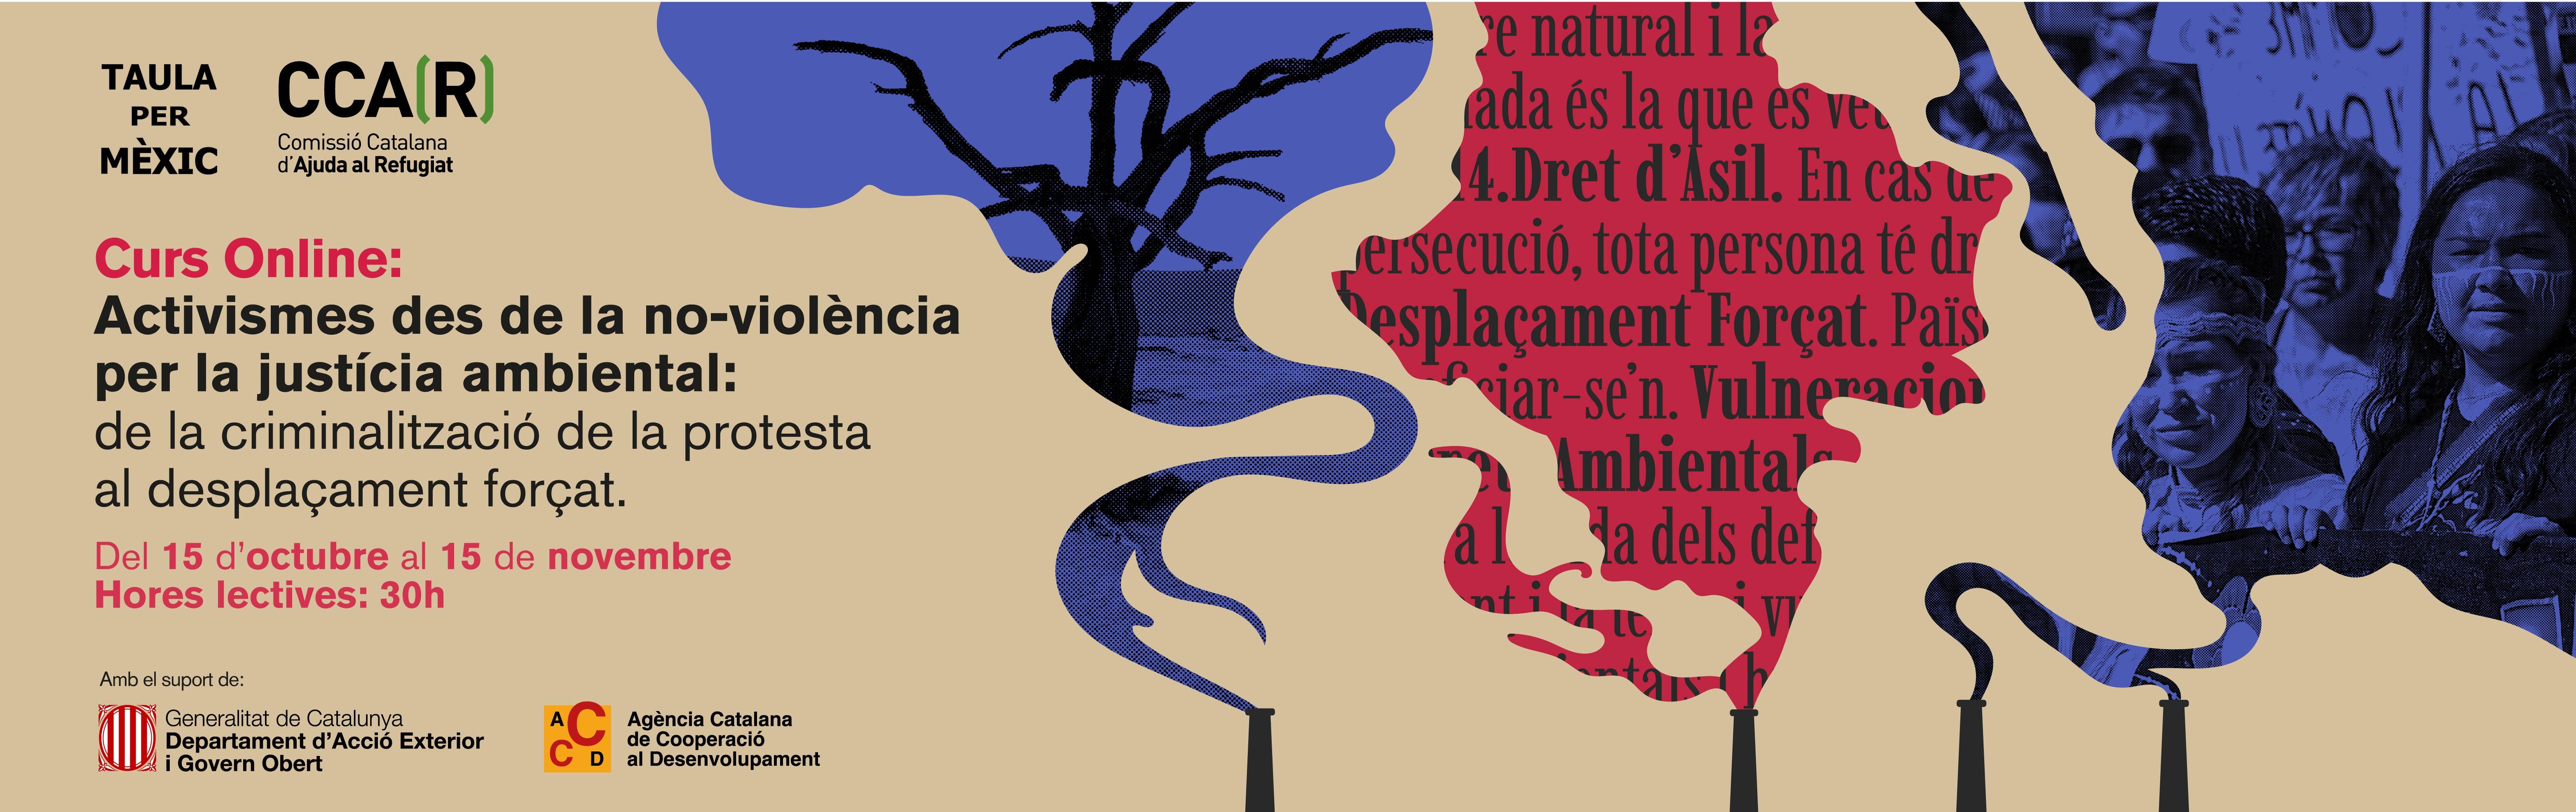 Curs Online: Activismes Des De La No-violència Per La Justícia Ambiental: De La Criminalització De La Protesta Al Desplaçament Forçat